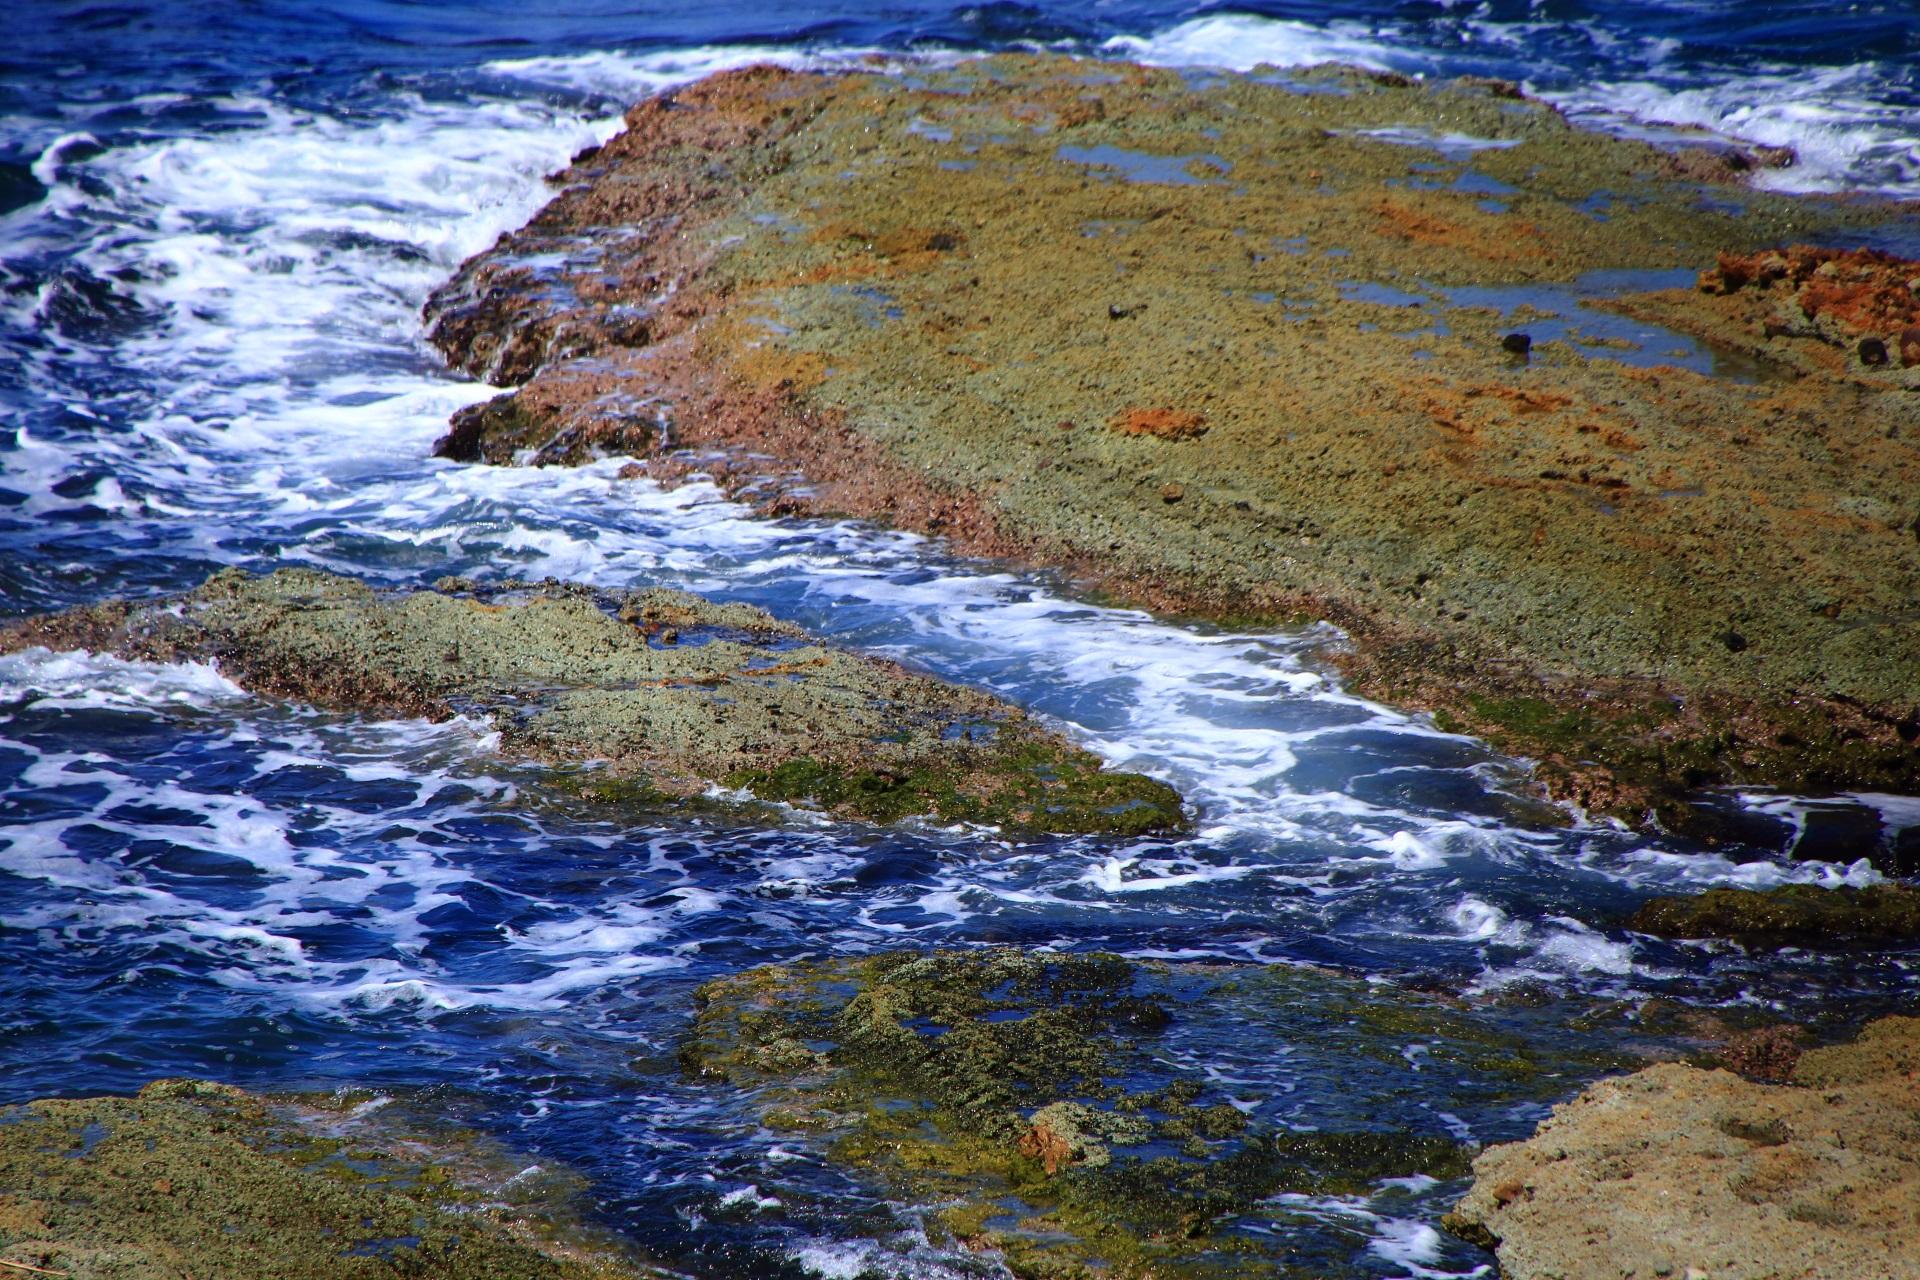 生物や地質学の研究対象となる京丹後の五色浜